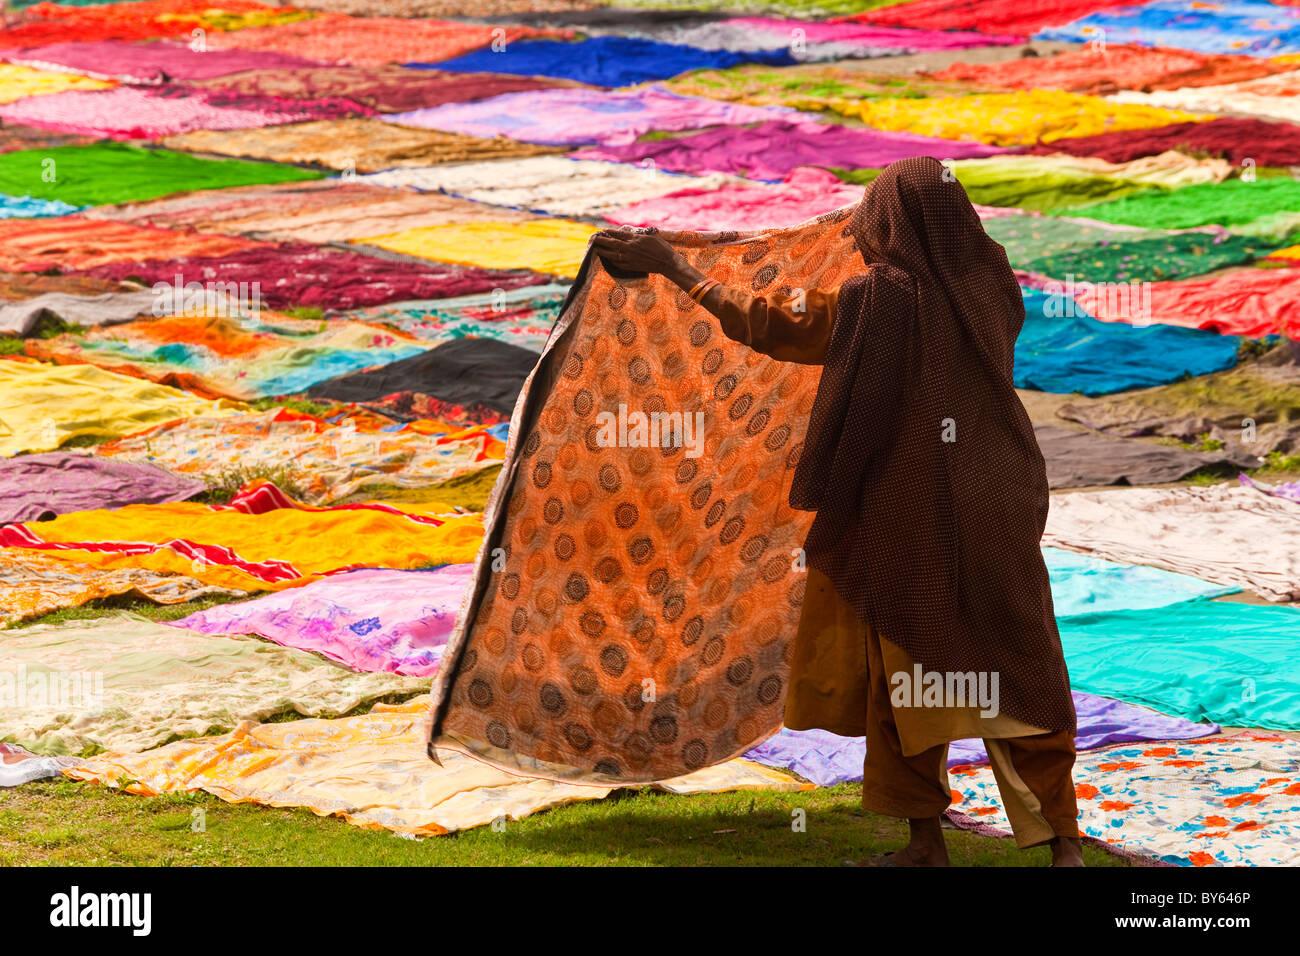 Essiccazione sari's dopo lavaggio sulle rive del fiume Yamuna, Agra, India Immagini Stock